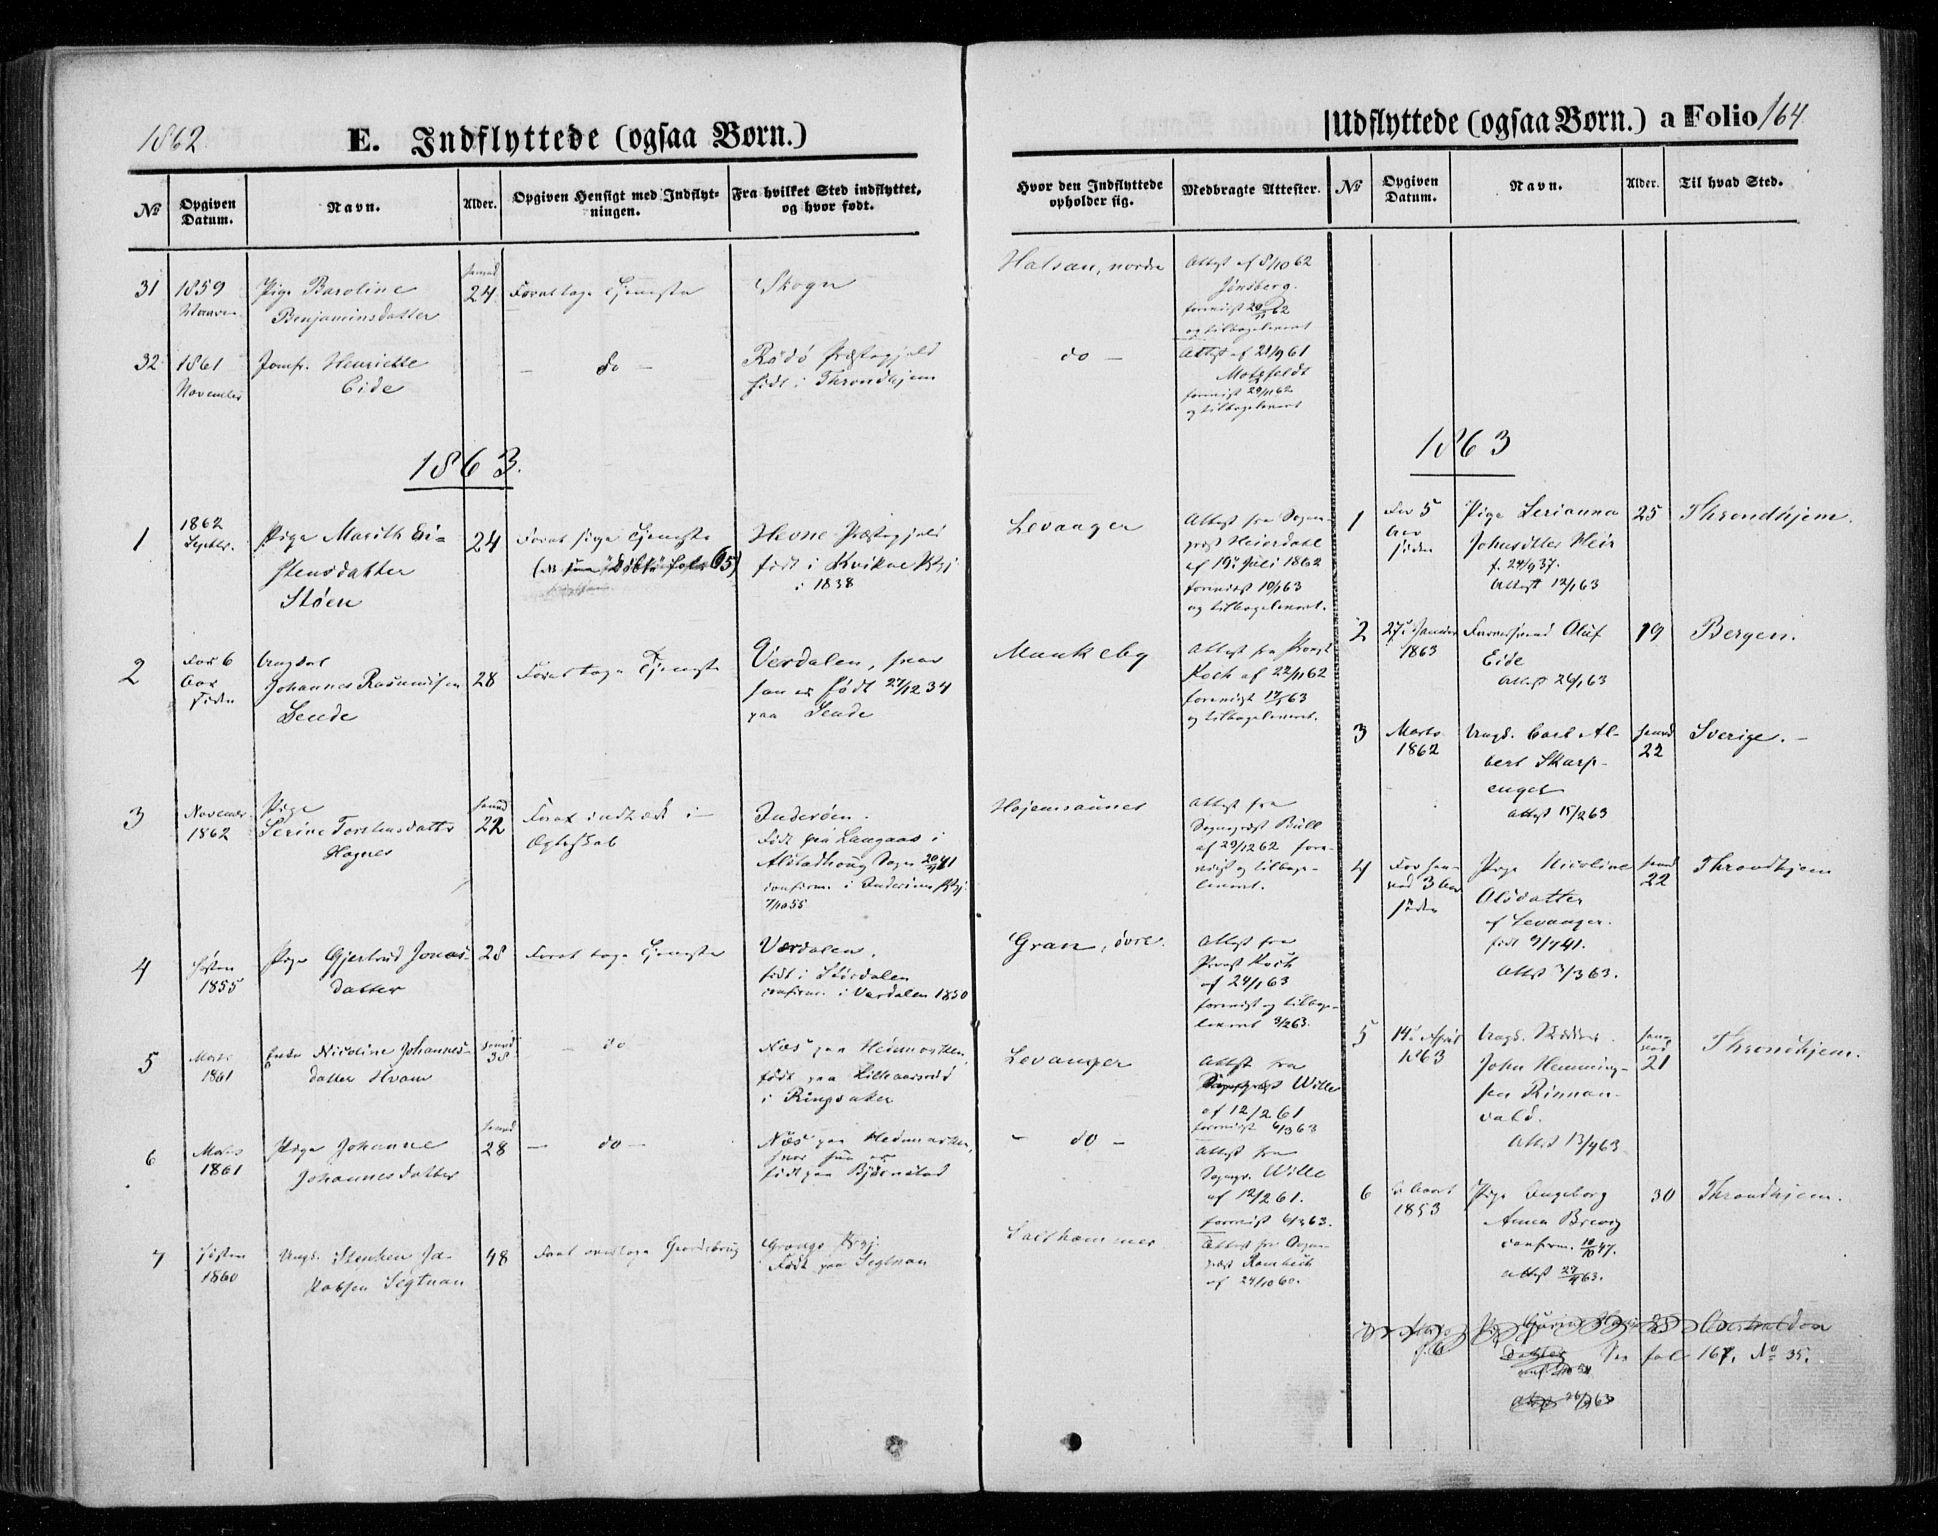 SAT, Ministerialprotokoller, klokkerbøker og fødselsregistre - Nord-Trøndelag, 720/L0184: Ministerialbok nr. 720A02 /1, 1855-1863, s. 164